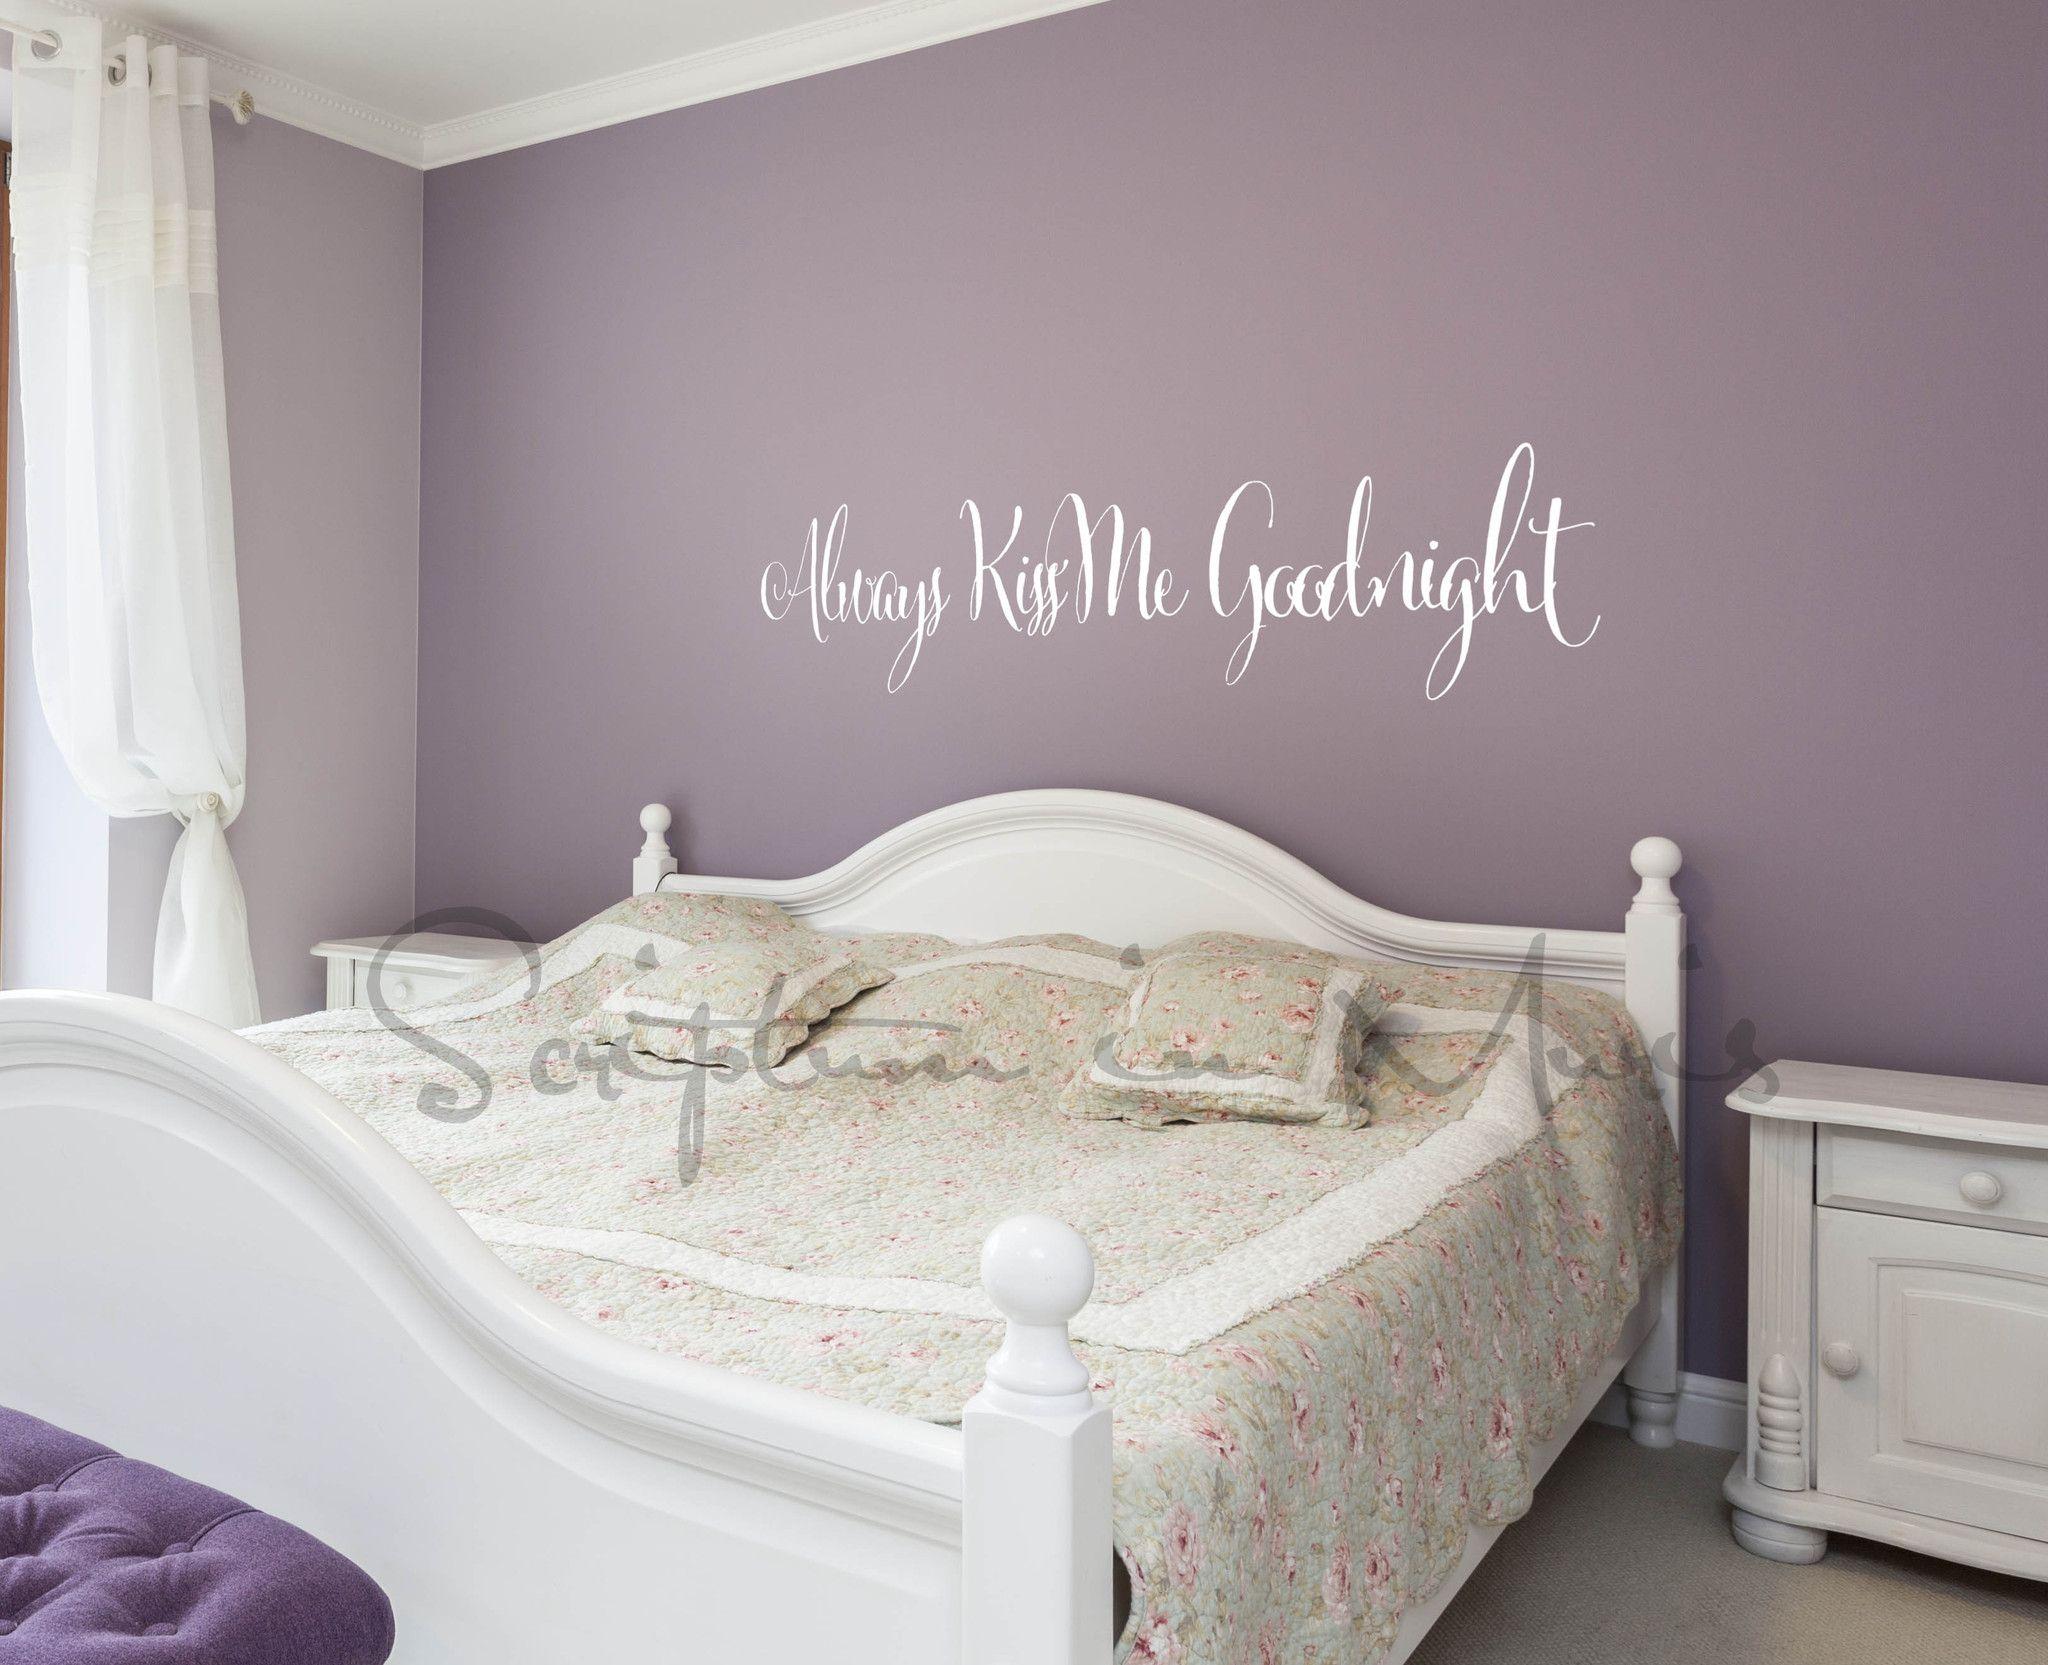 Grau Und Lila Schlafzimmer Ideen Schlafzimmer Malerei